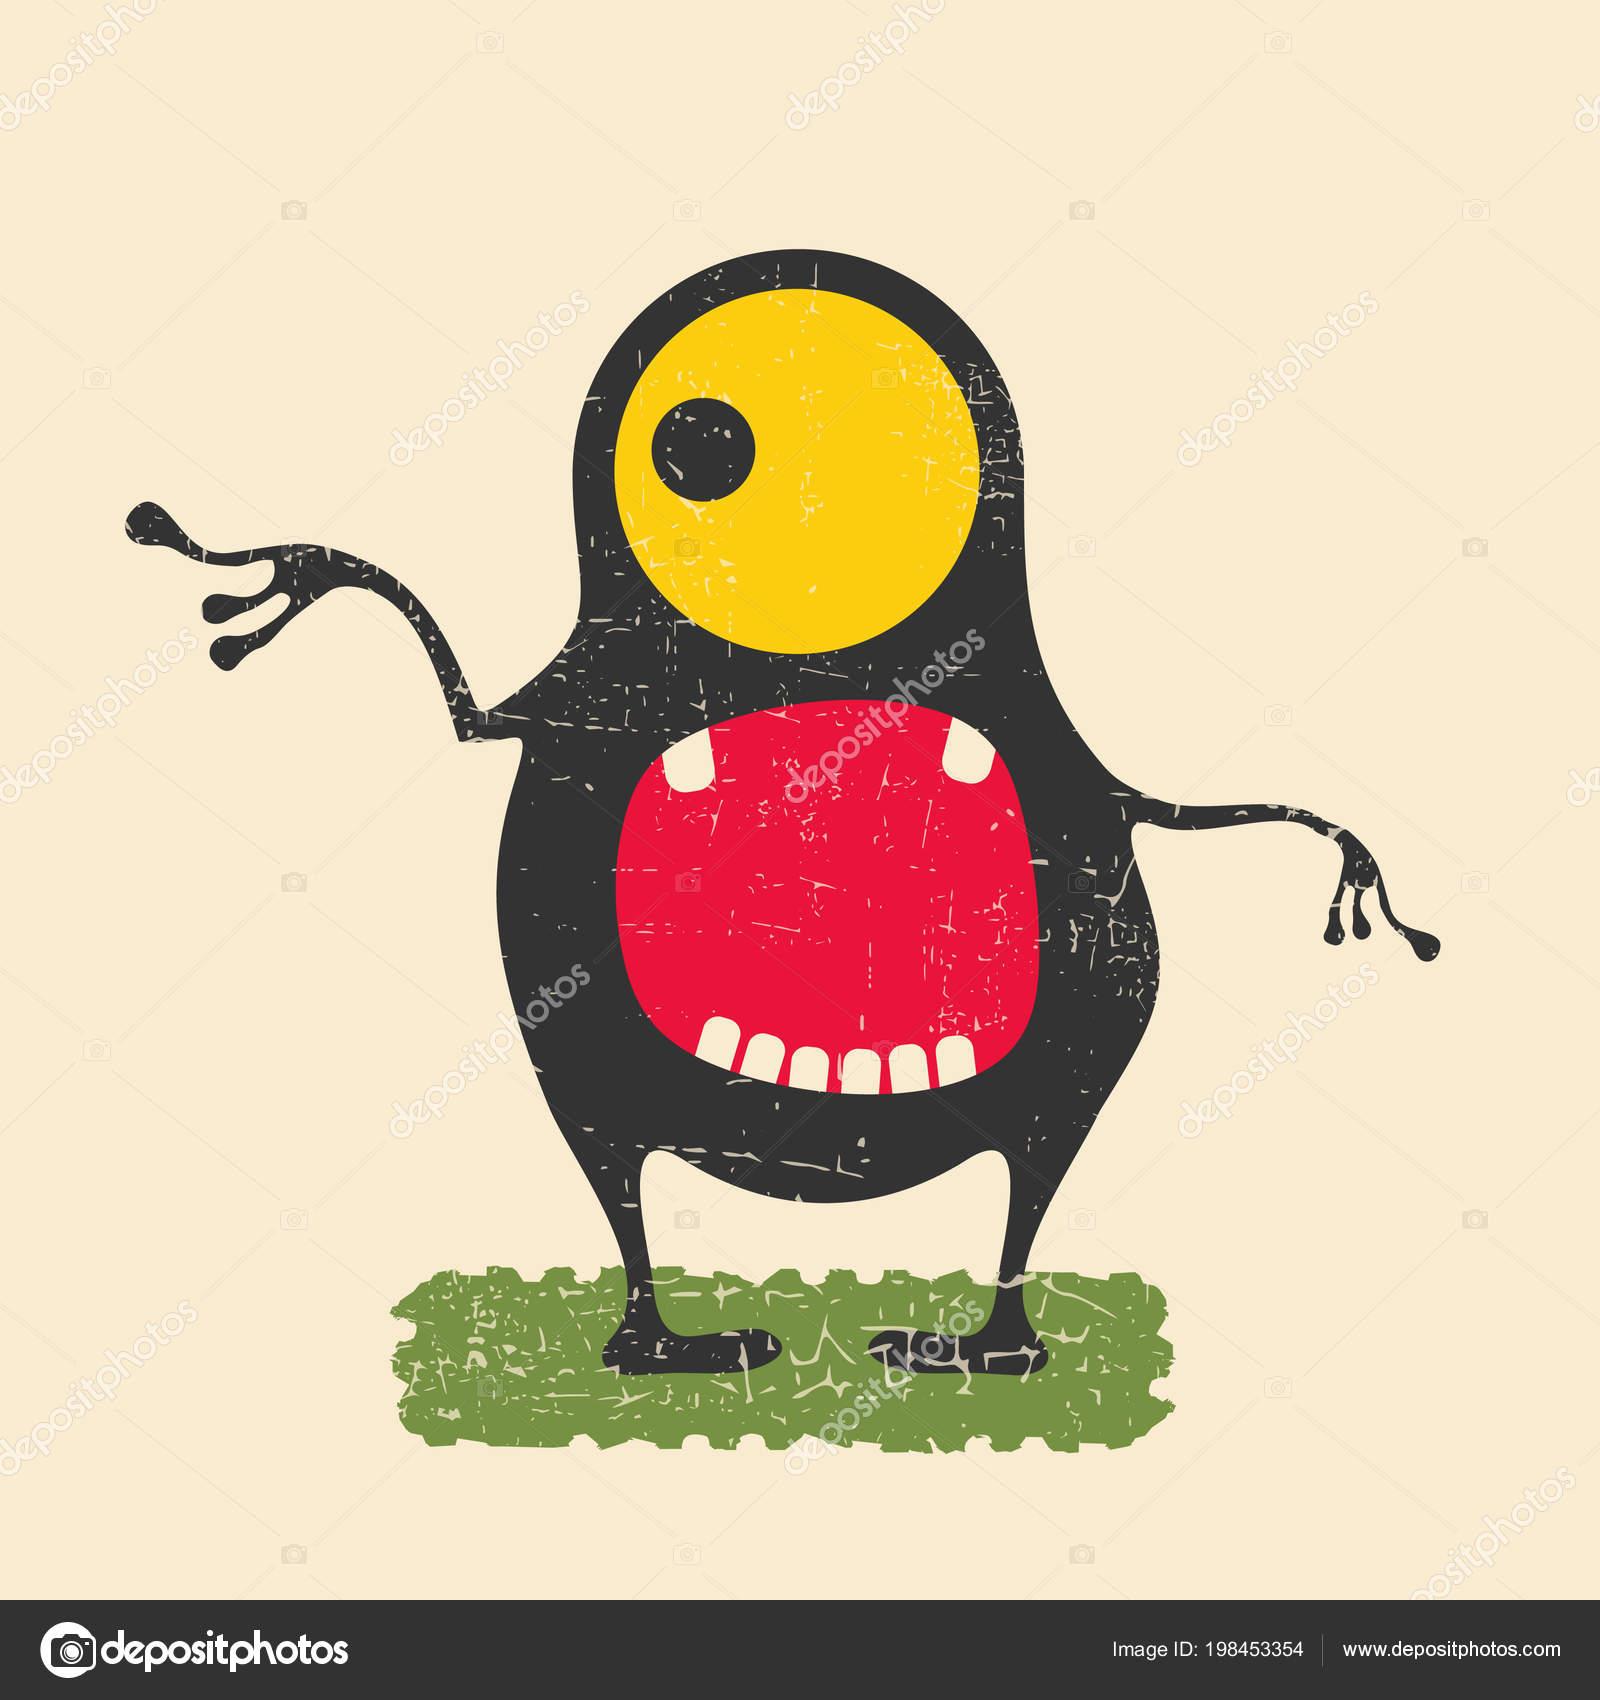 緑の芝生の上に立って黄色の目を持つ幸せなモンスター グランジ背景に